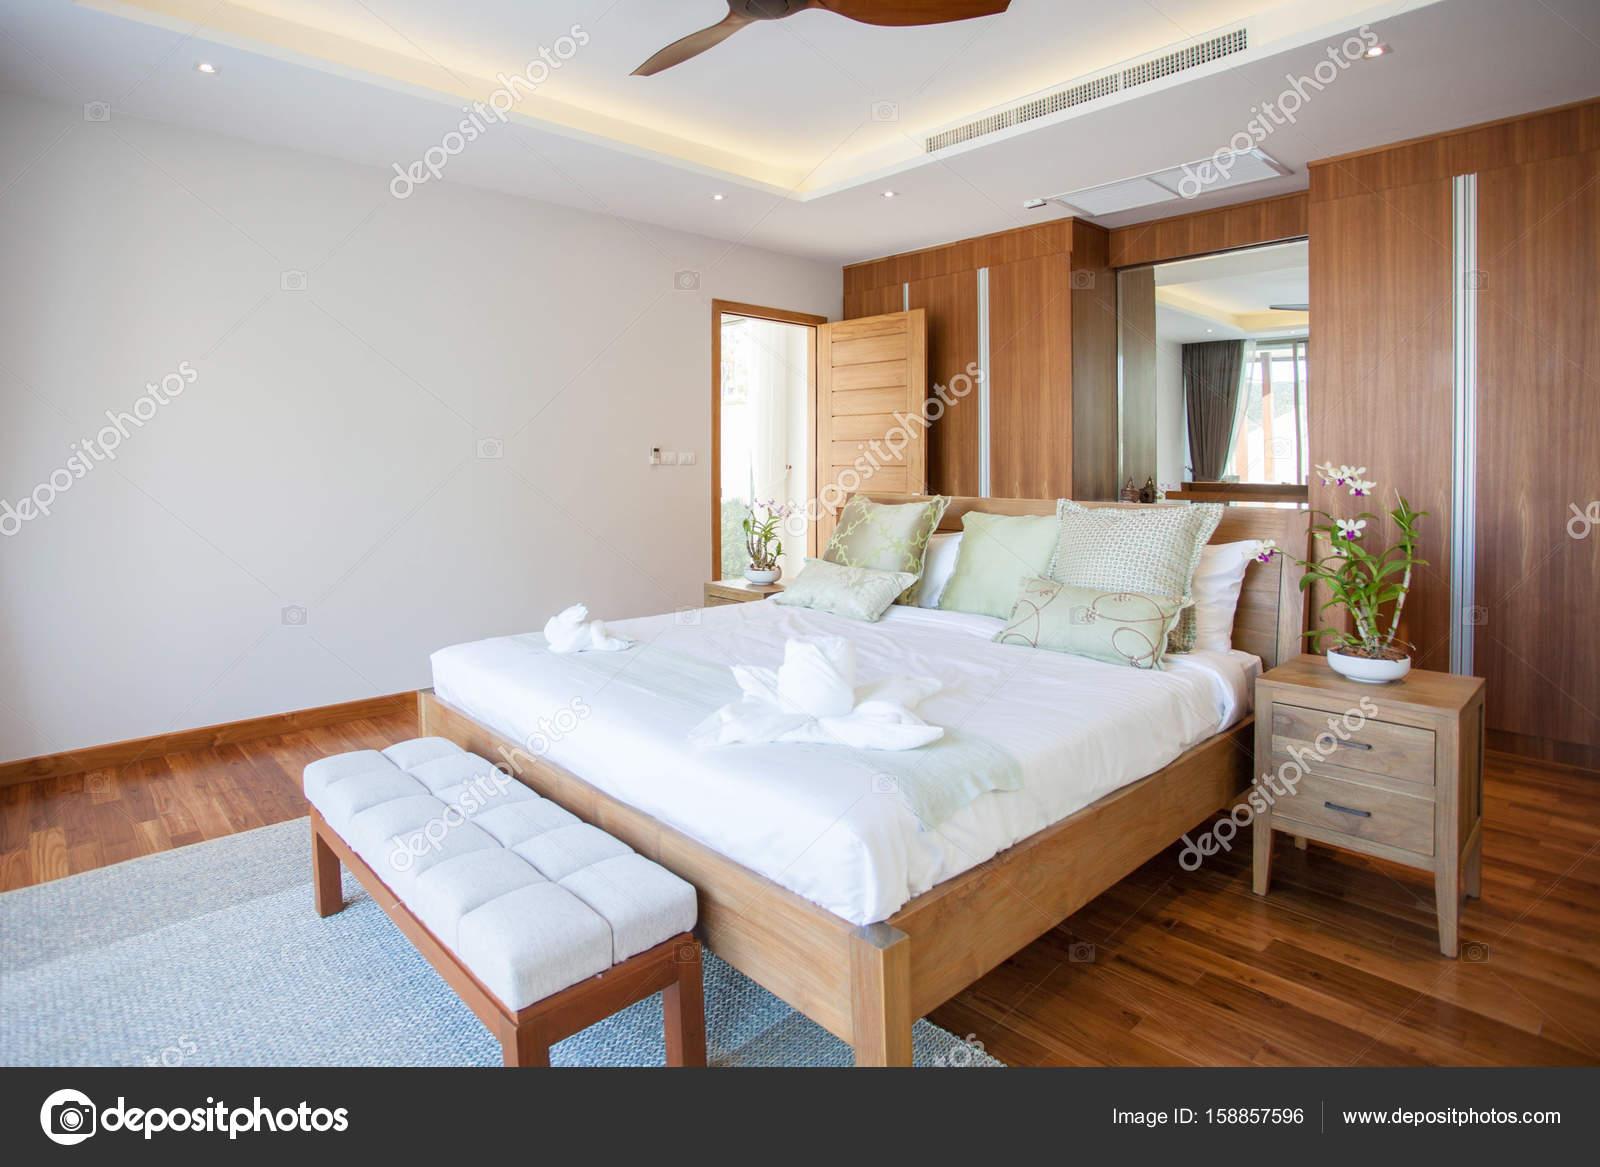 Luksusowych Wnętrz W Sypialni Willa Z Cozy King Bed